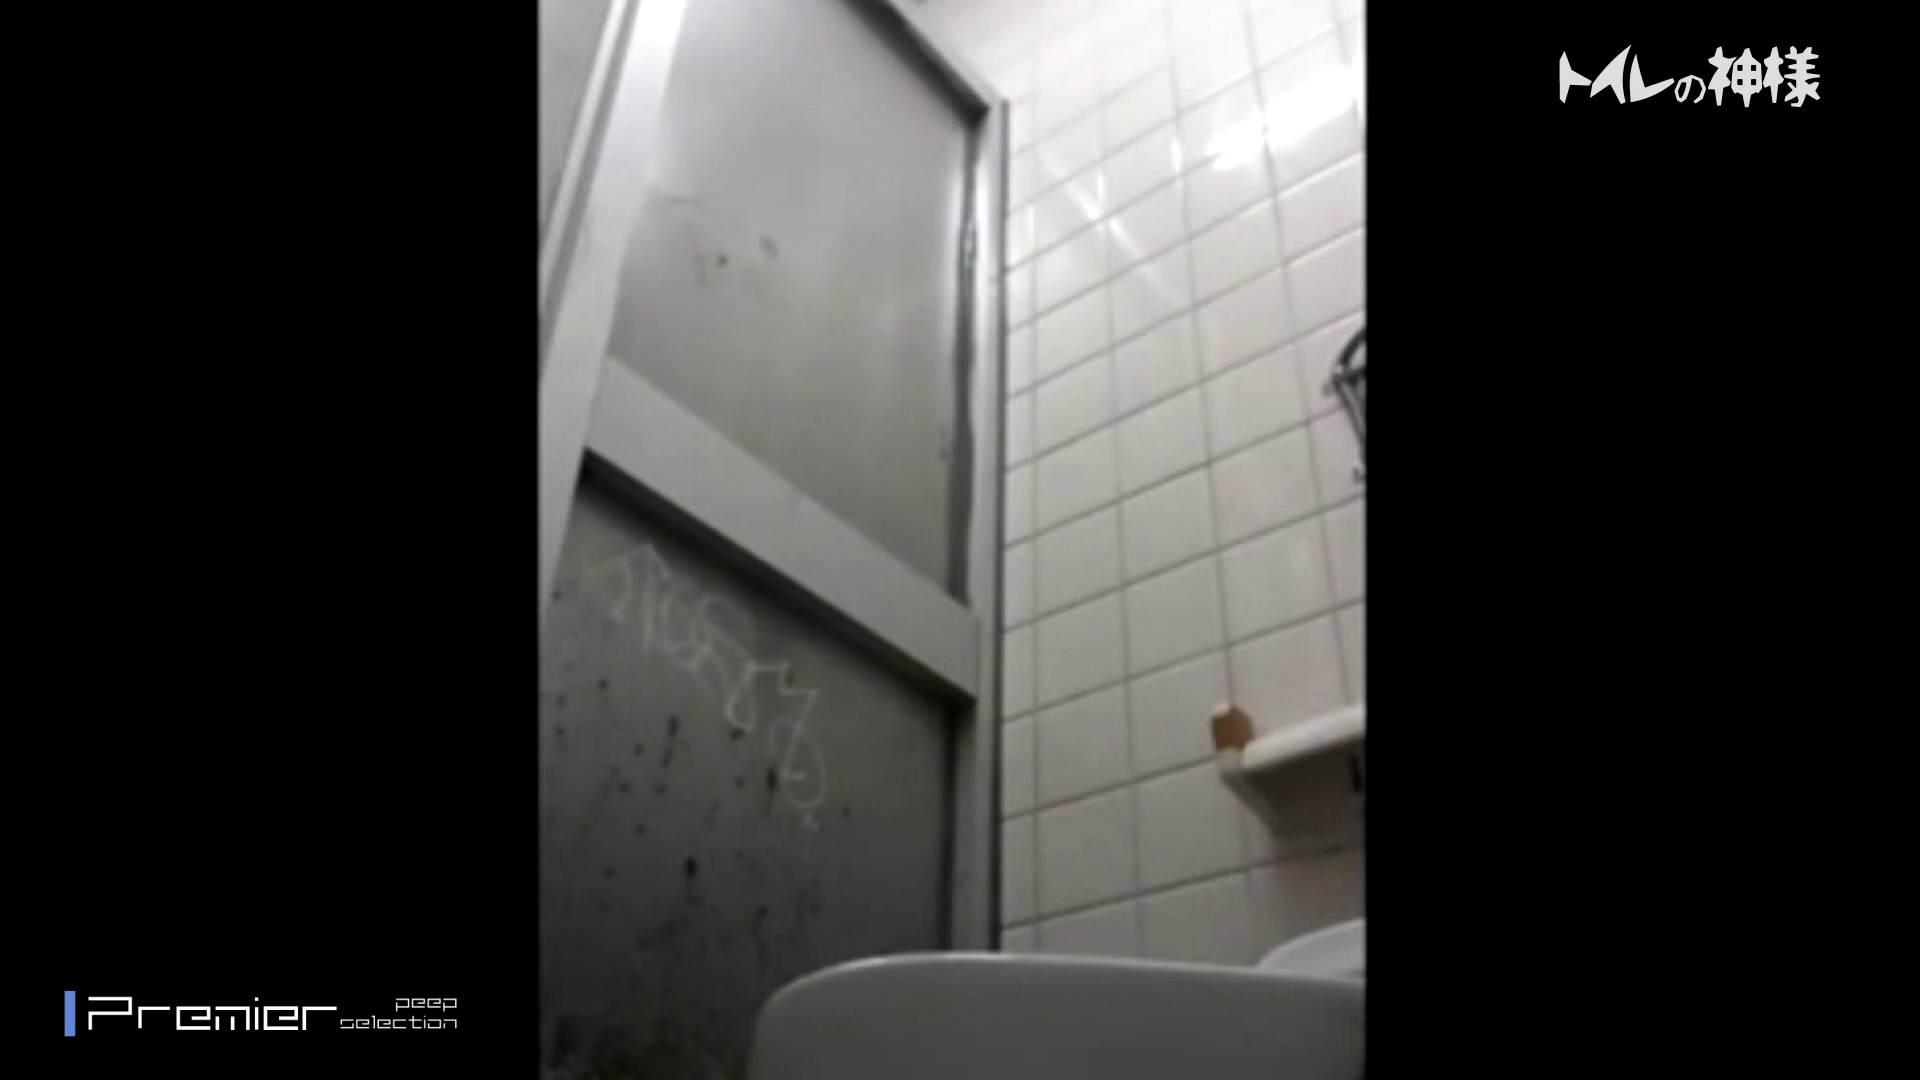 kyouko排泄 うんこをたくさん集めました。トイレの神様 Vol.14 OL   リアルすぎる排泄  83連発 11